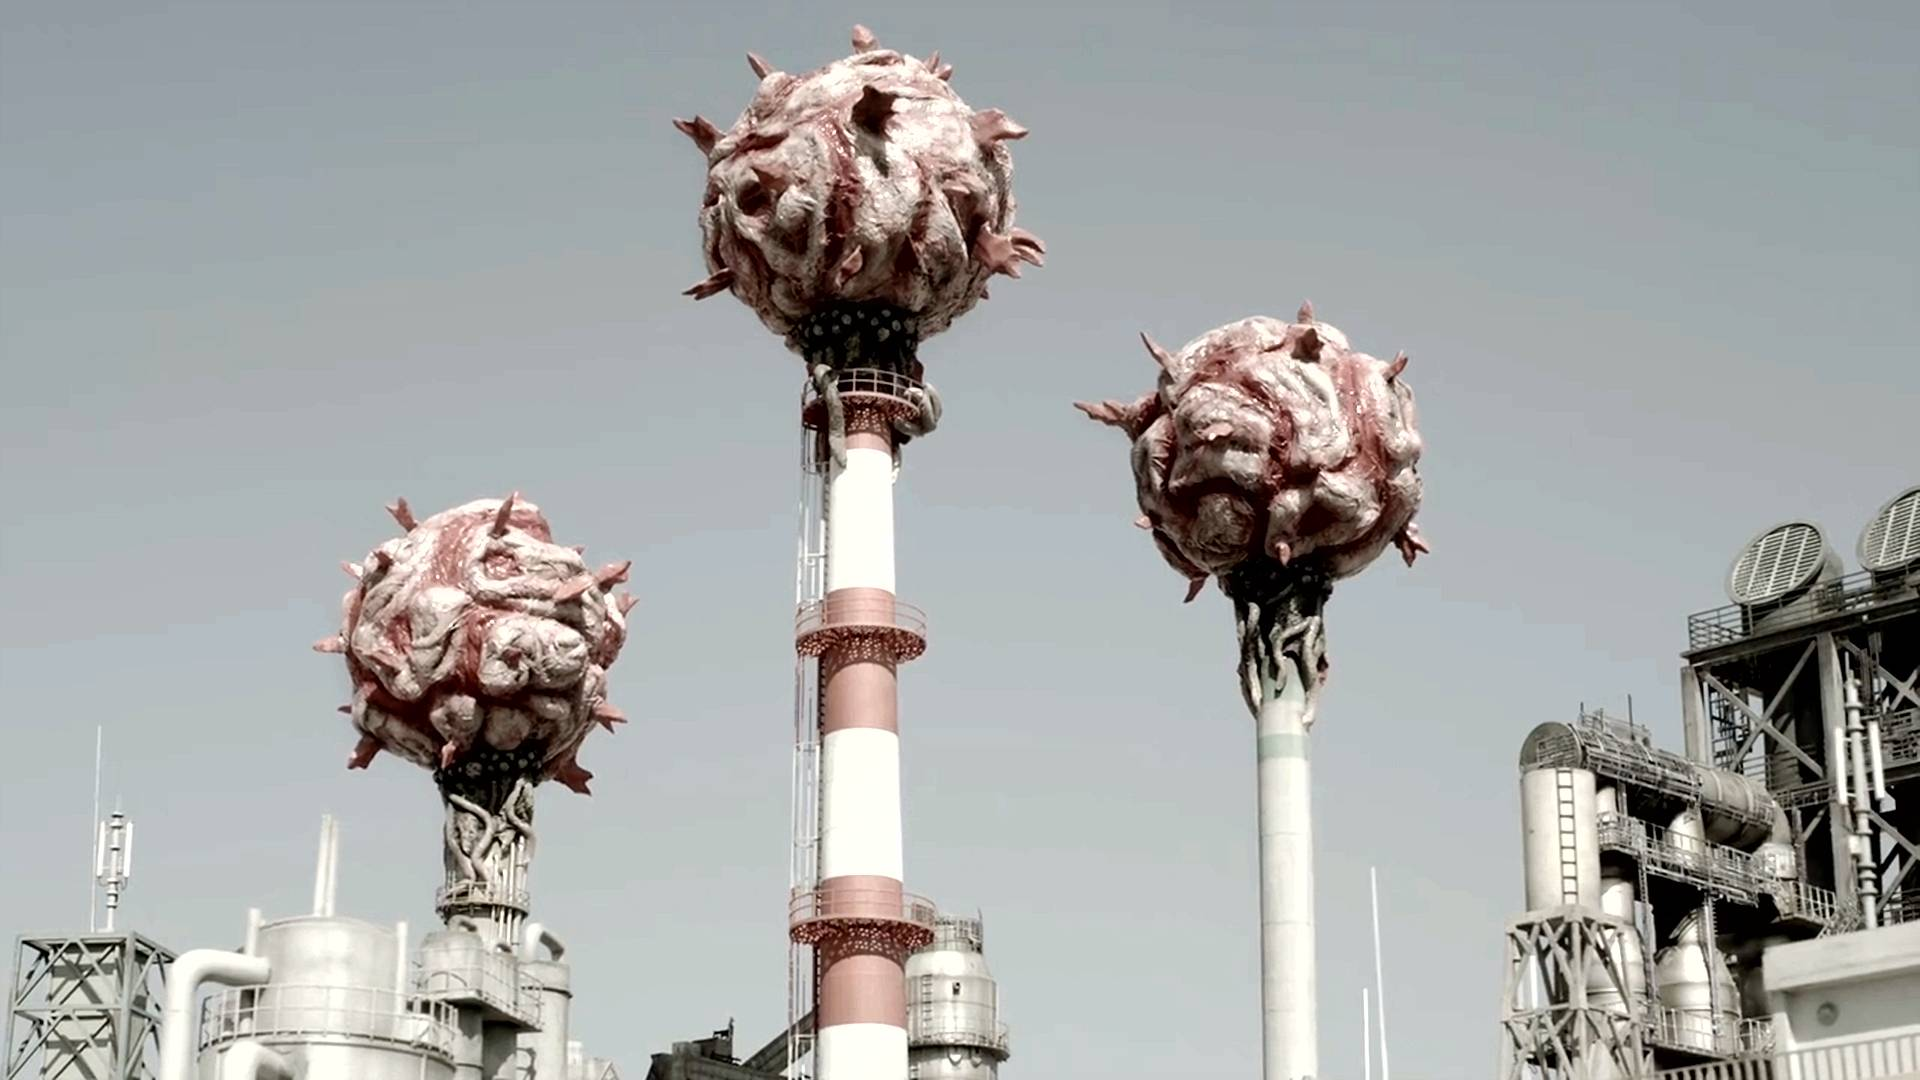 科幻片:神秘生物来到地球,以废气为食,帮着人类进化空气!